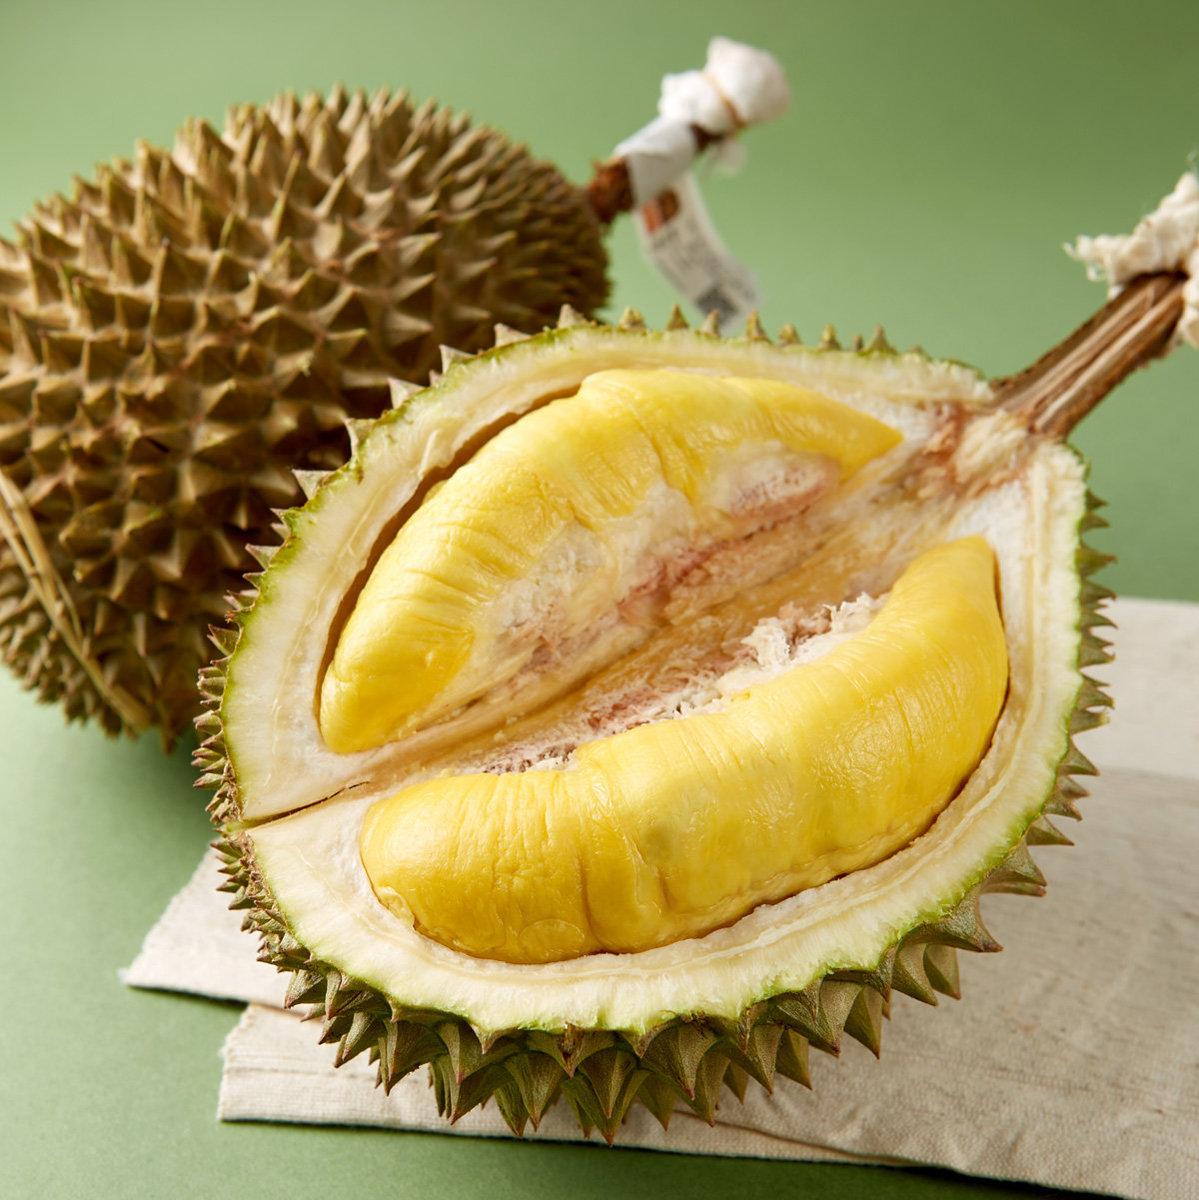 MaliHome Musang King Durian